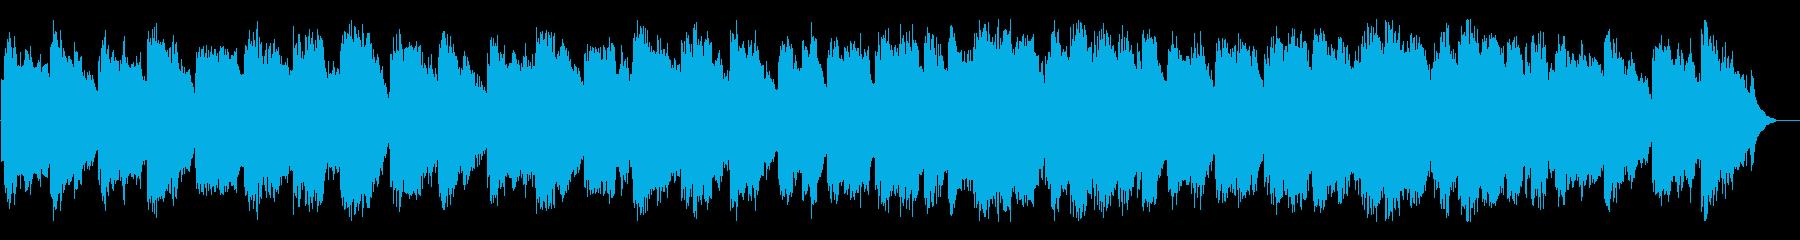 ゆったりとした景色をイメージできるBGMの再生済みの波形